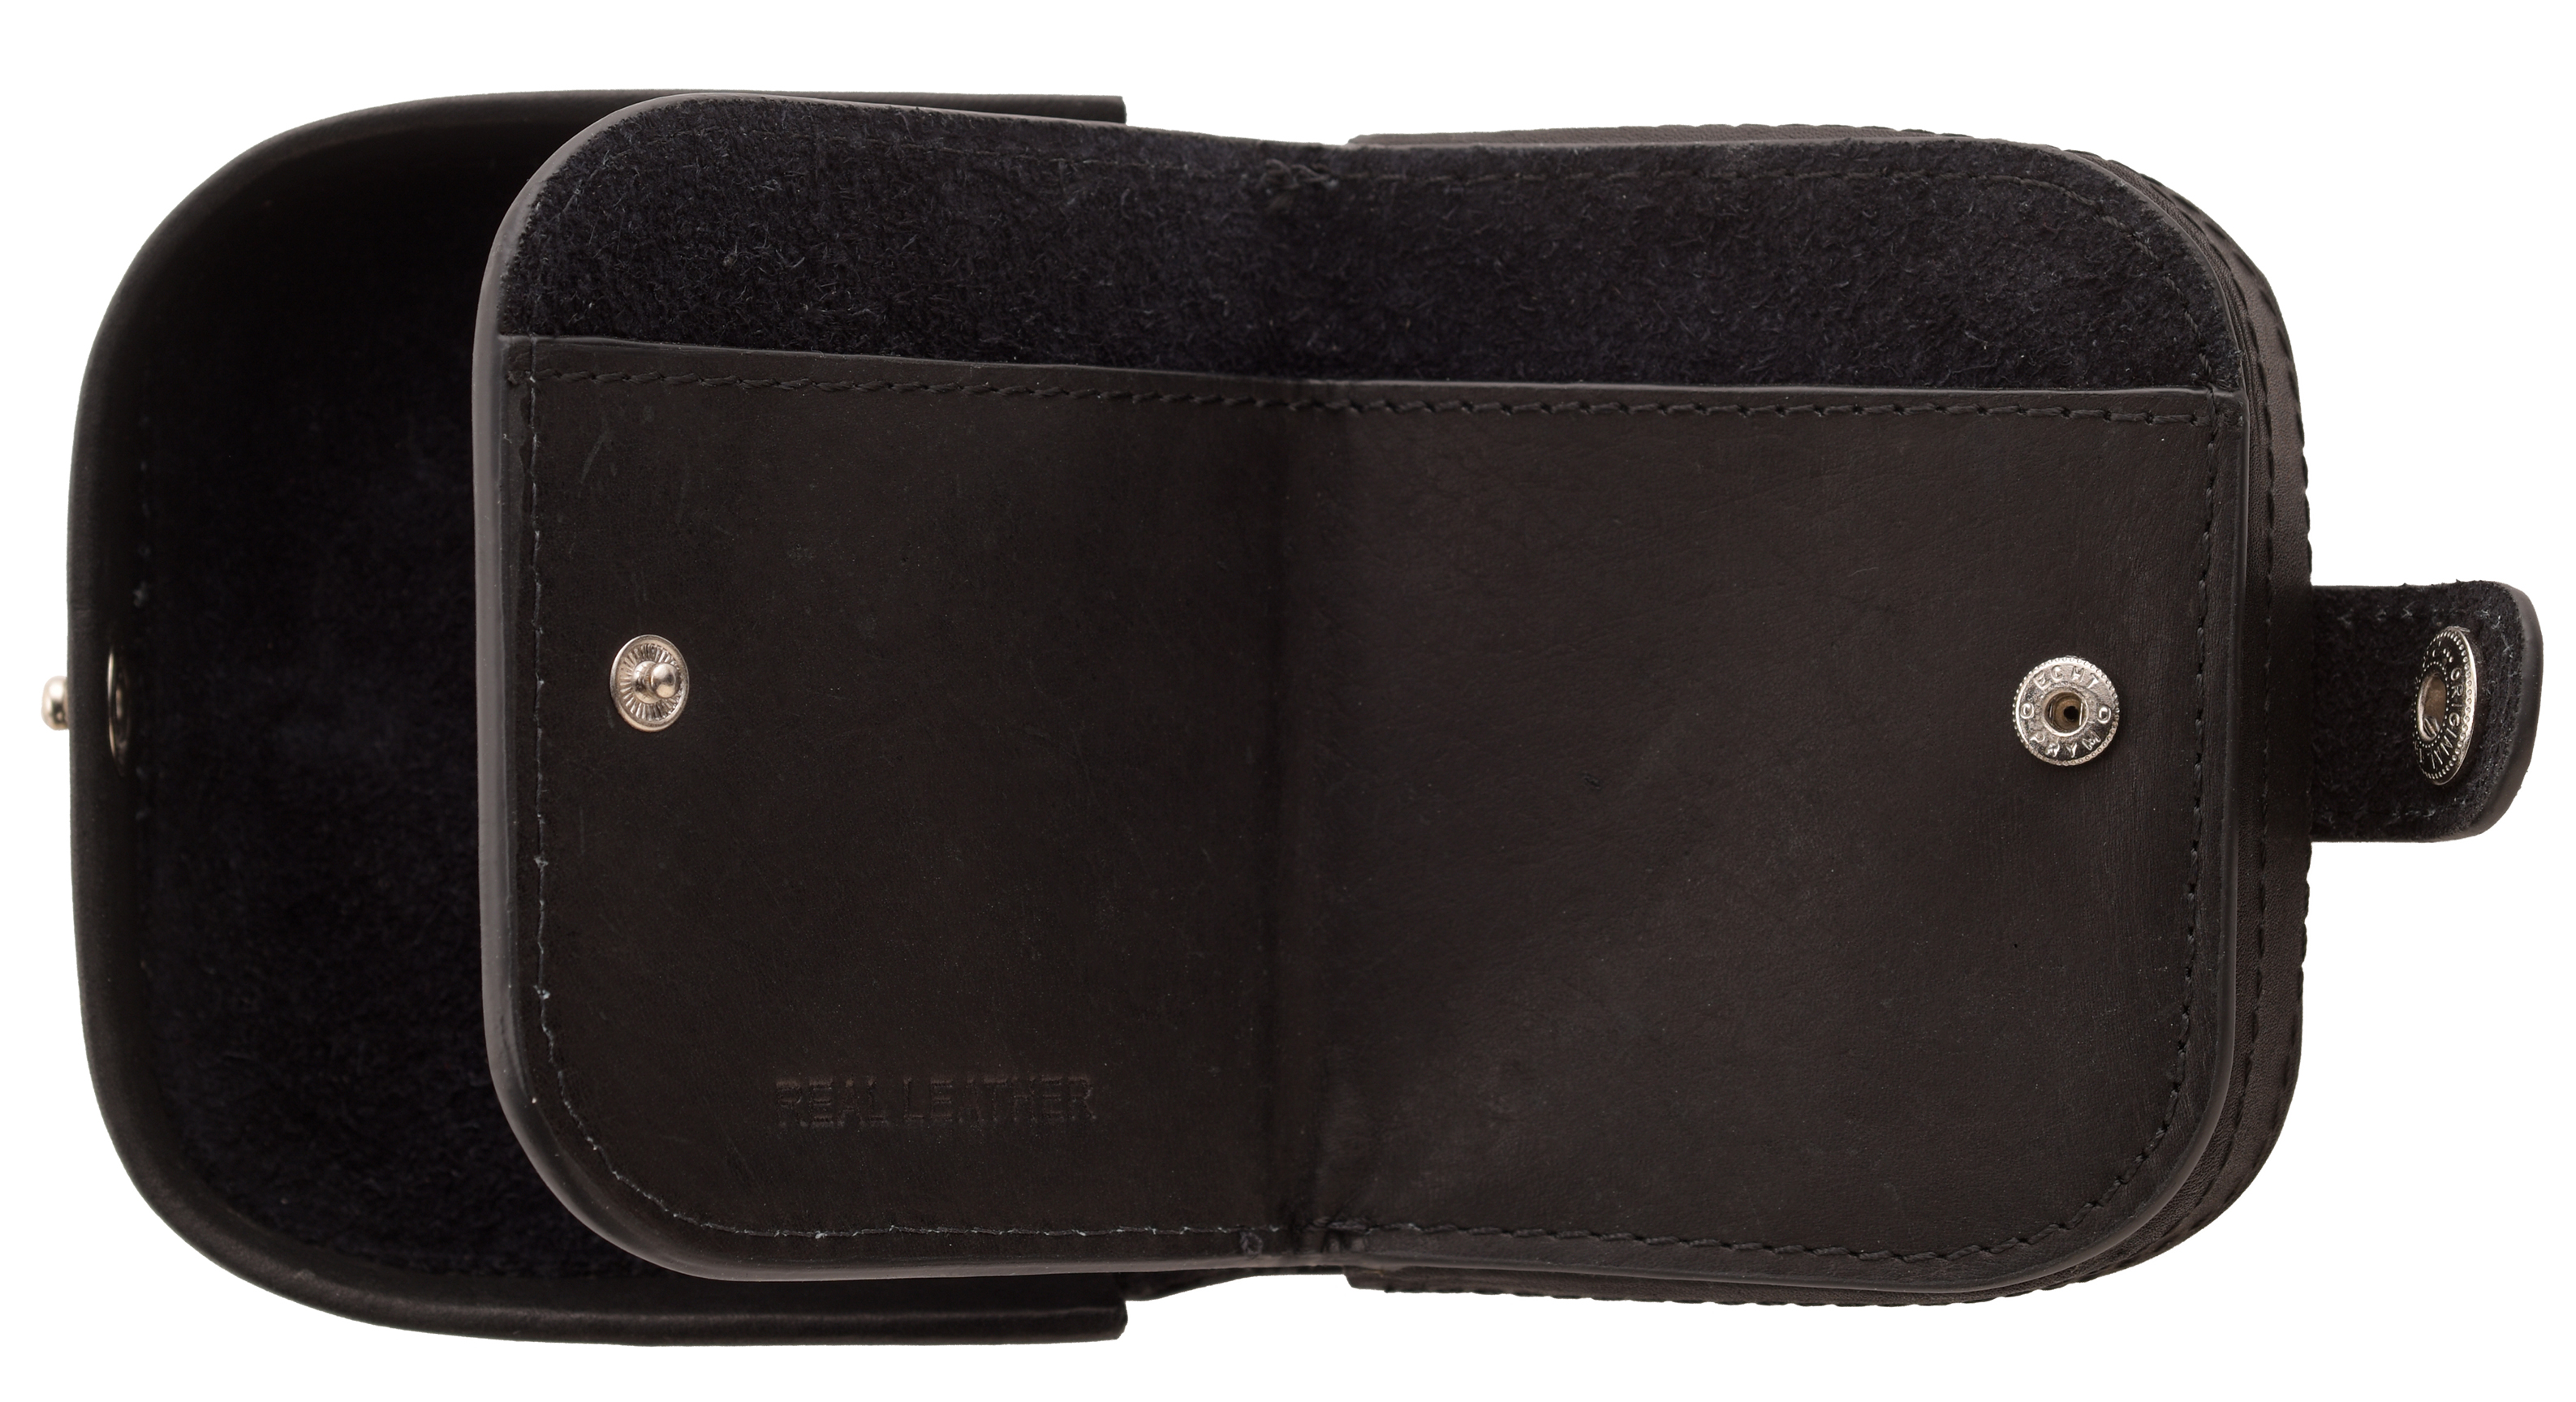 Hommes-Premium-Grade-Cuir-Plateau-Porte-Monnaie-avec-Note-Section-Noir-Bleu-Brun miniature 7